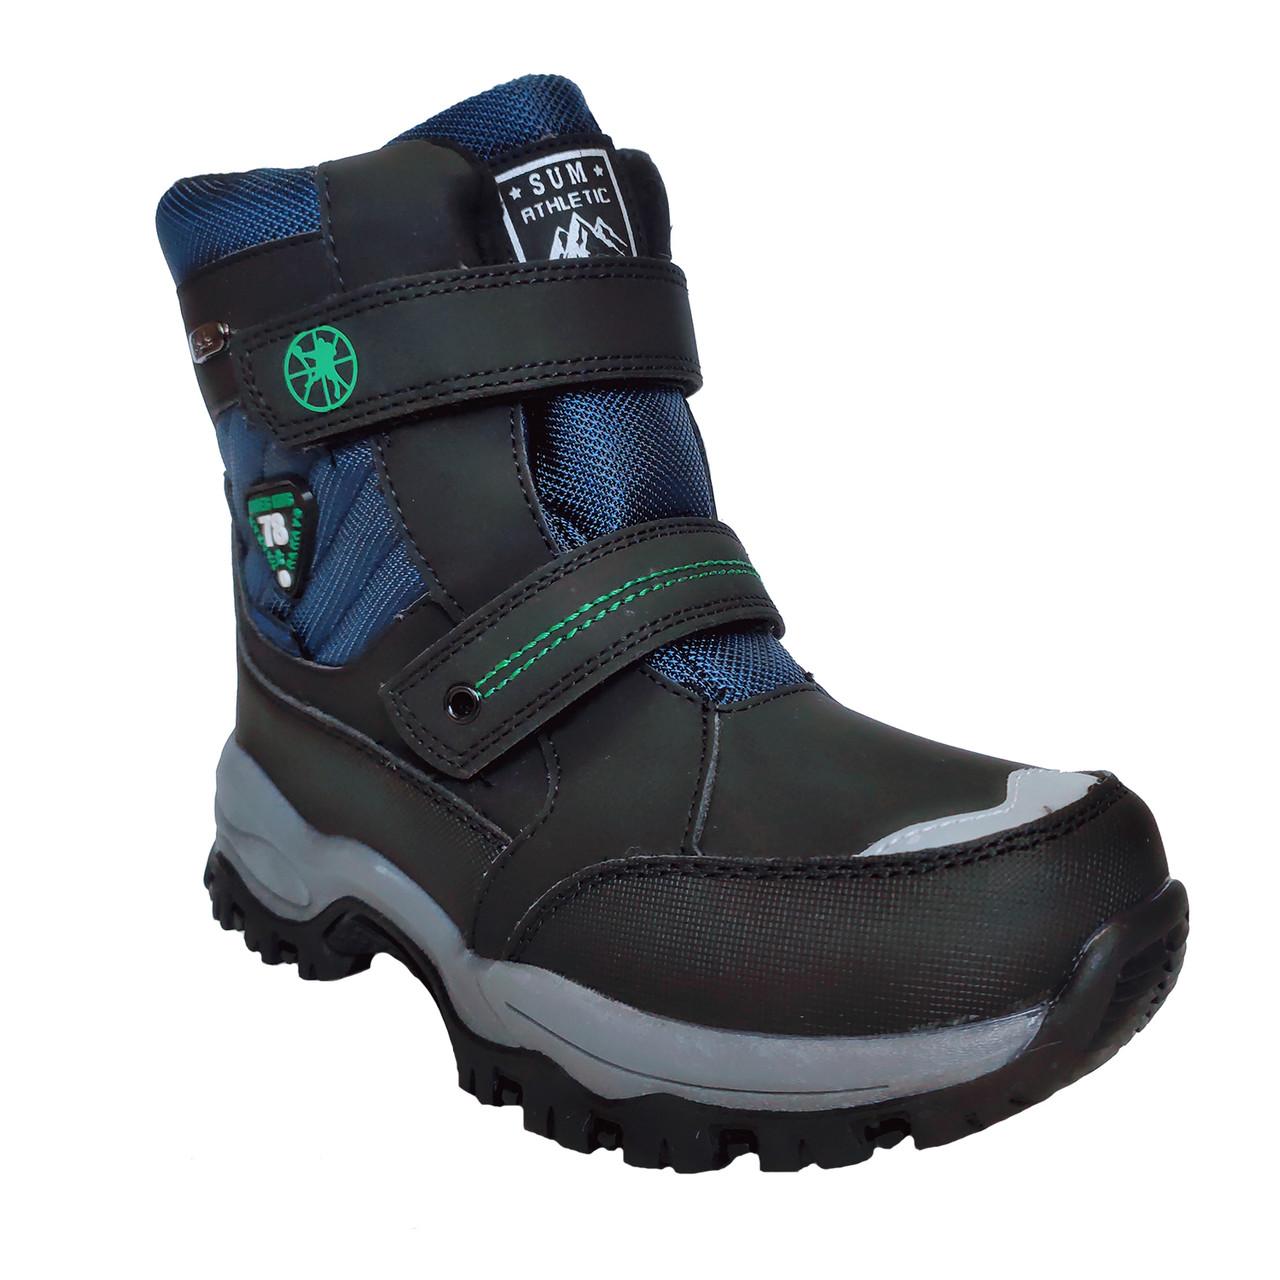 Термо сапоги том на мальчика ,размер 36 стелька 22,8 см Теплые зимние ботинки, сноубутсы, сапоги Tom.m